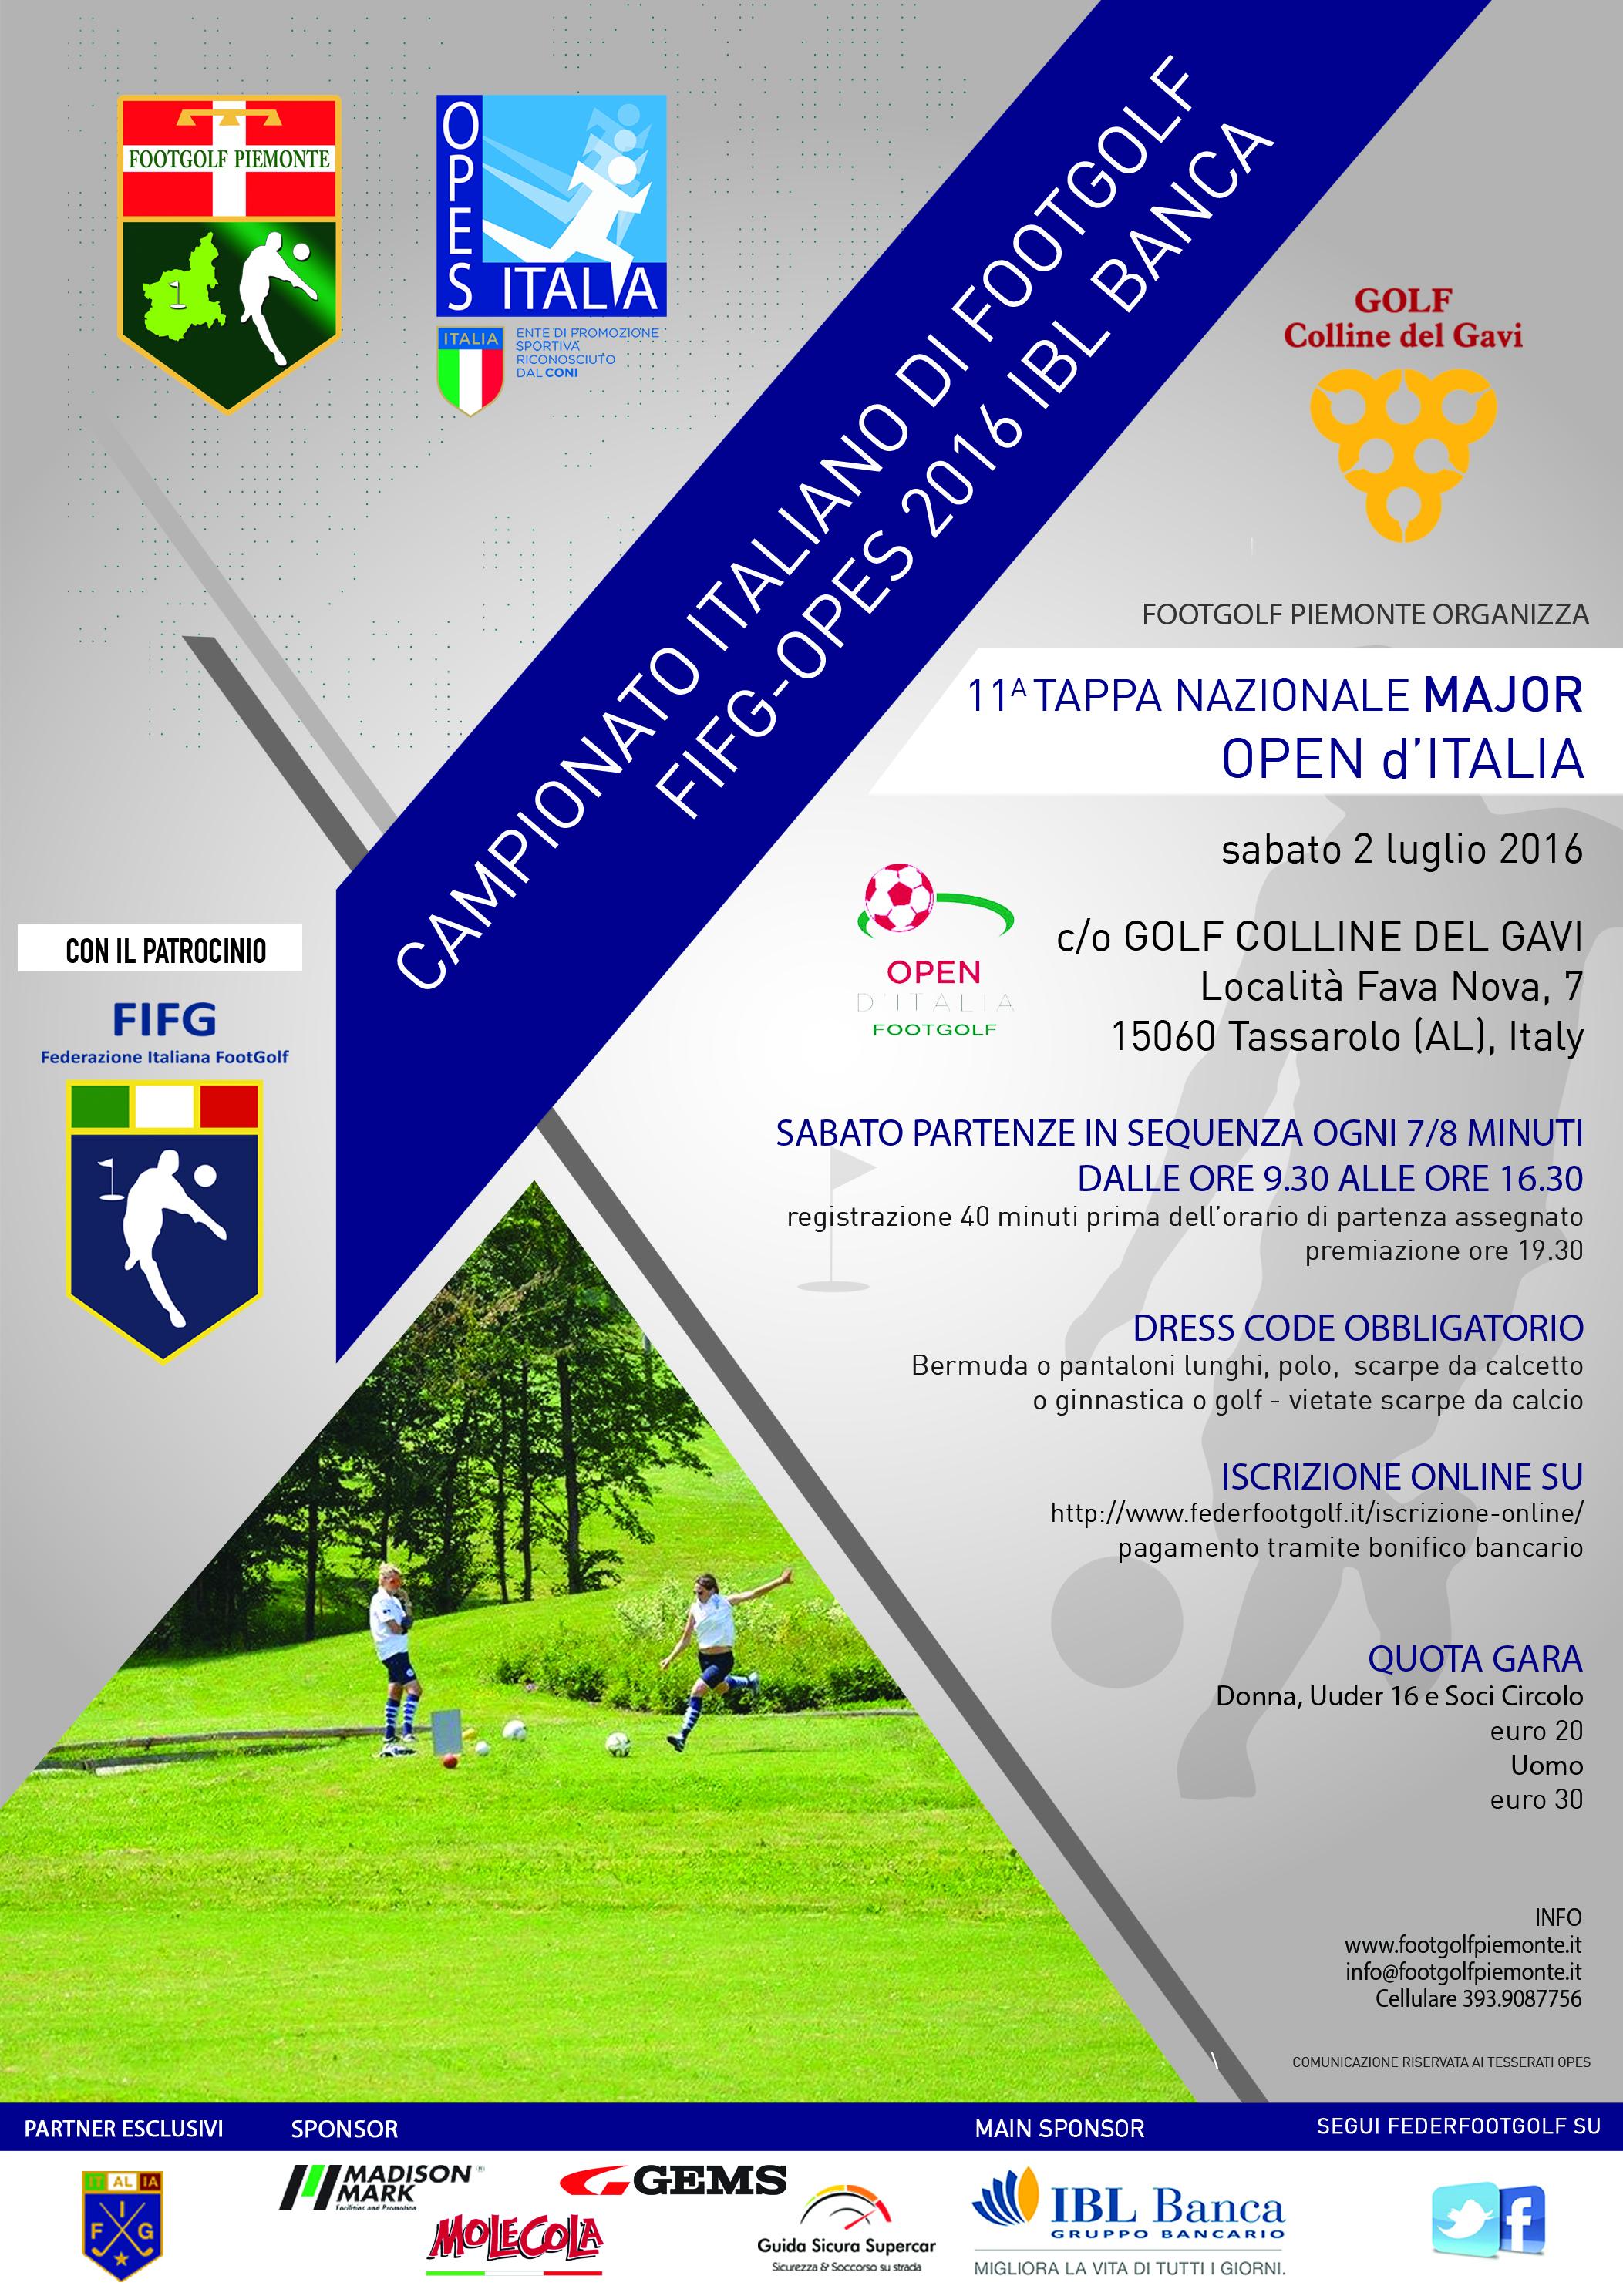 Locandina 3 Open d'Italia Footgolf Piemonte Gavi AL sabato 2 luglio 2016